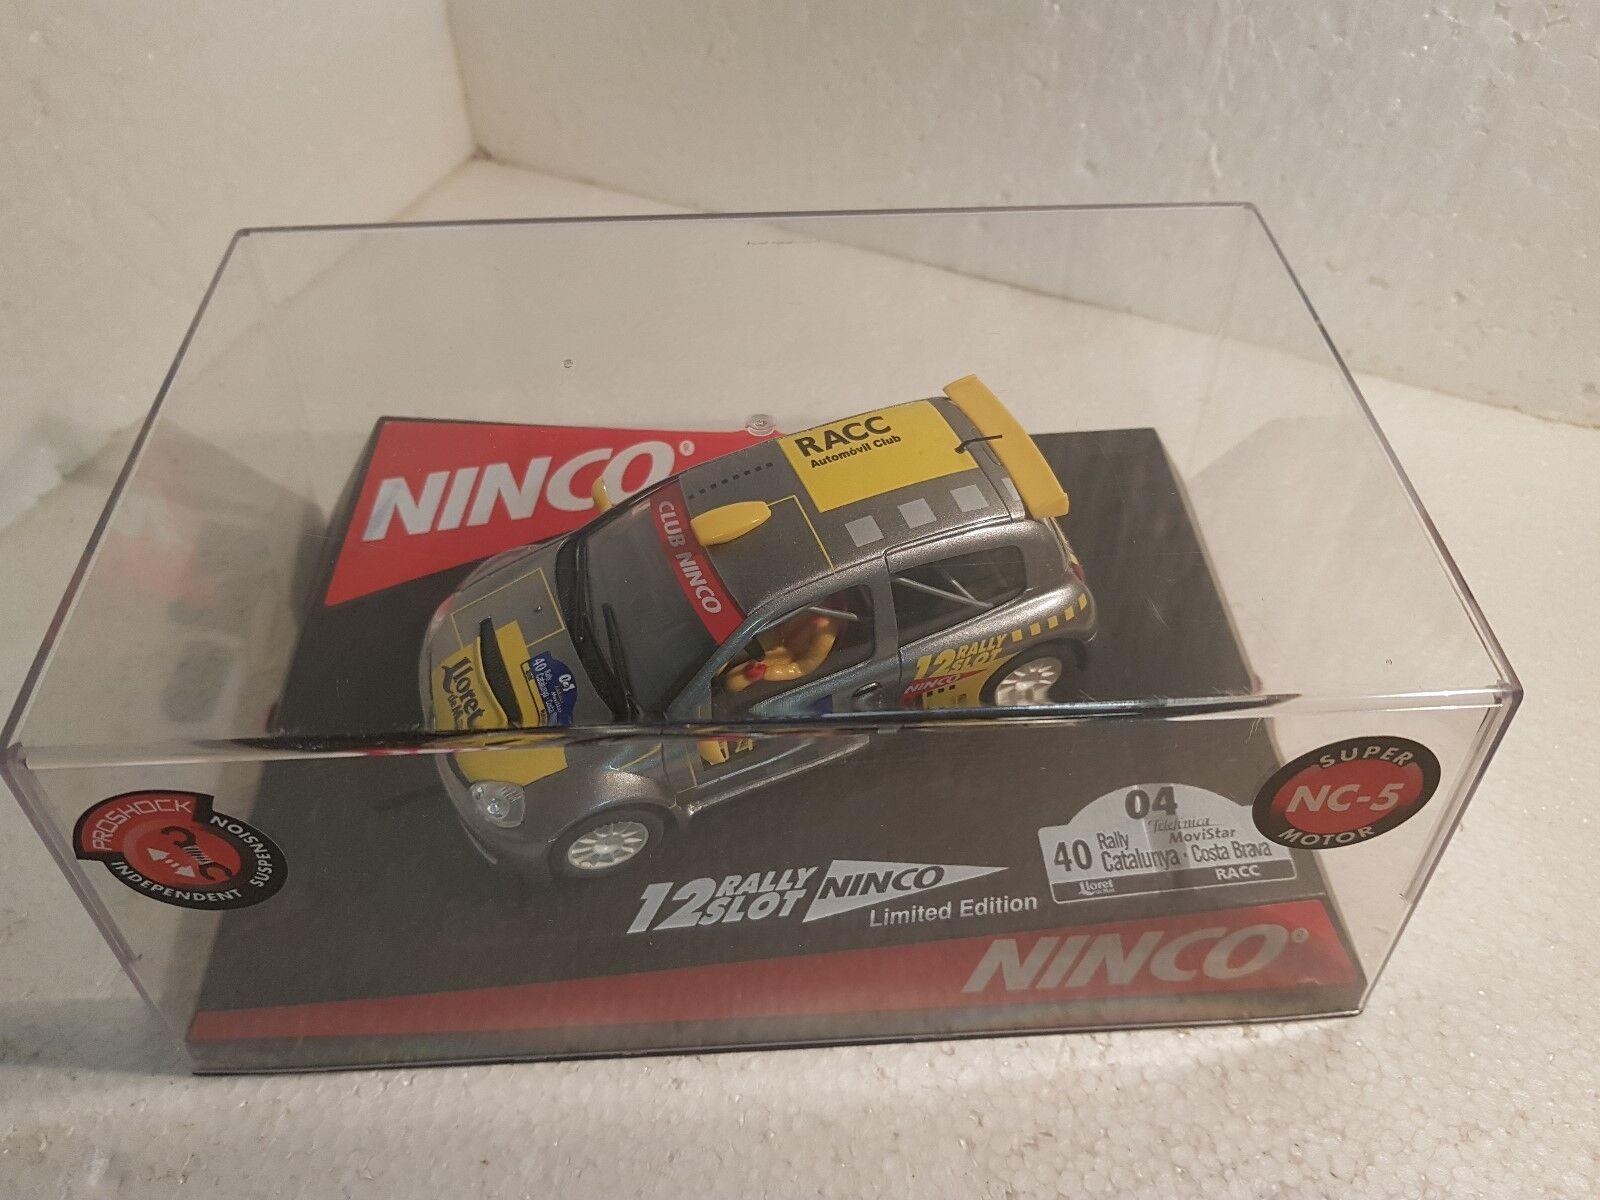 Ninco 50353 Renault Clio Catalunya Costa Brava 2004 Offiziell Driver Lted.ed Elektrisches Spielzeug